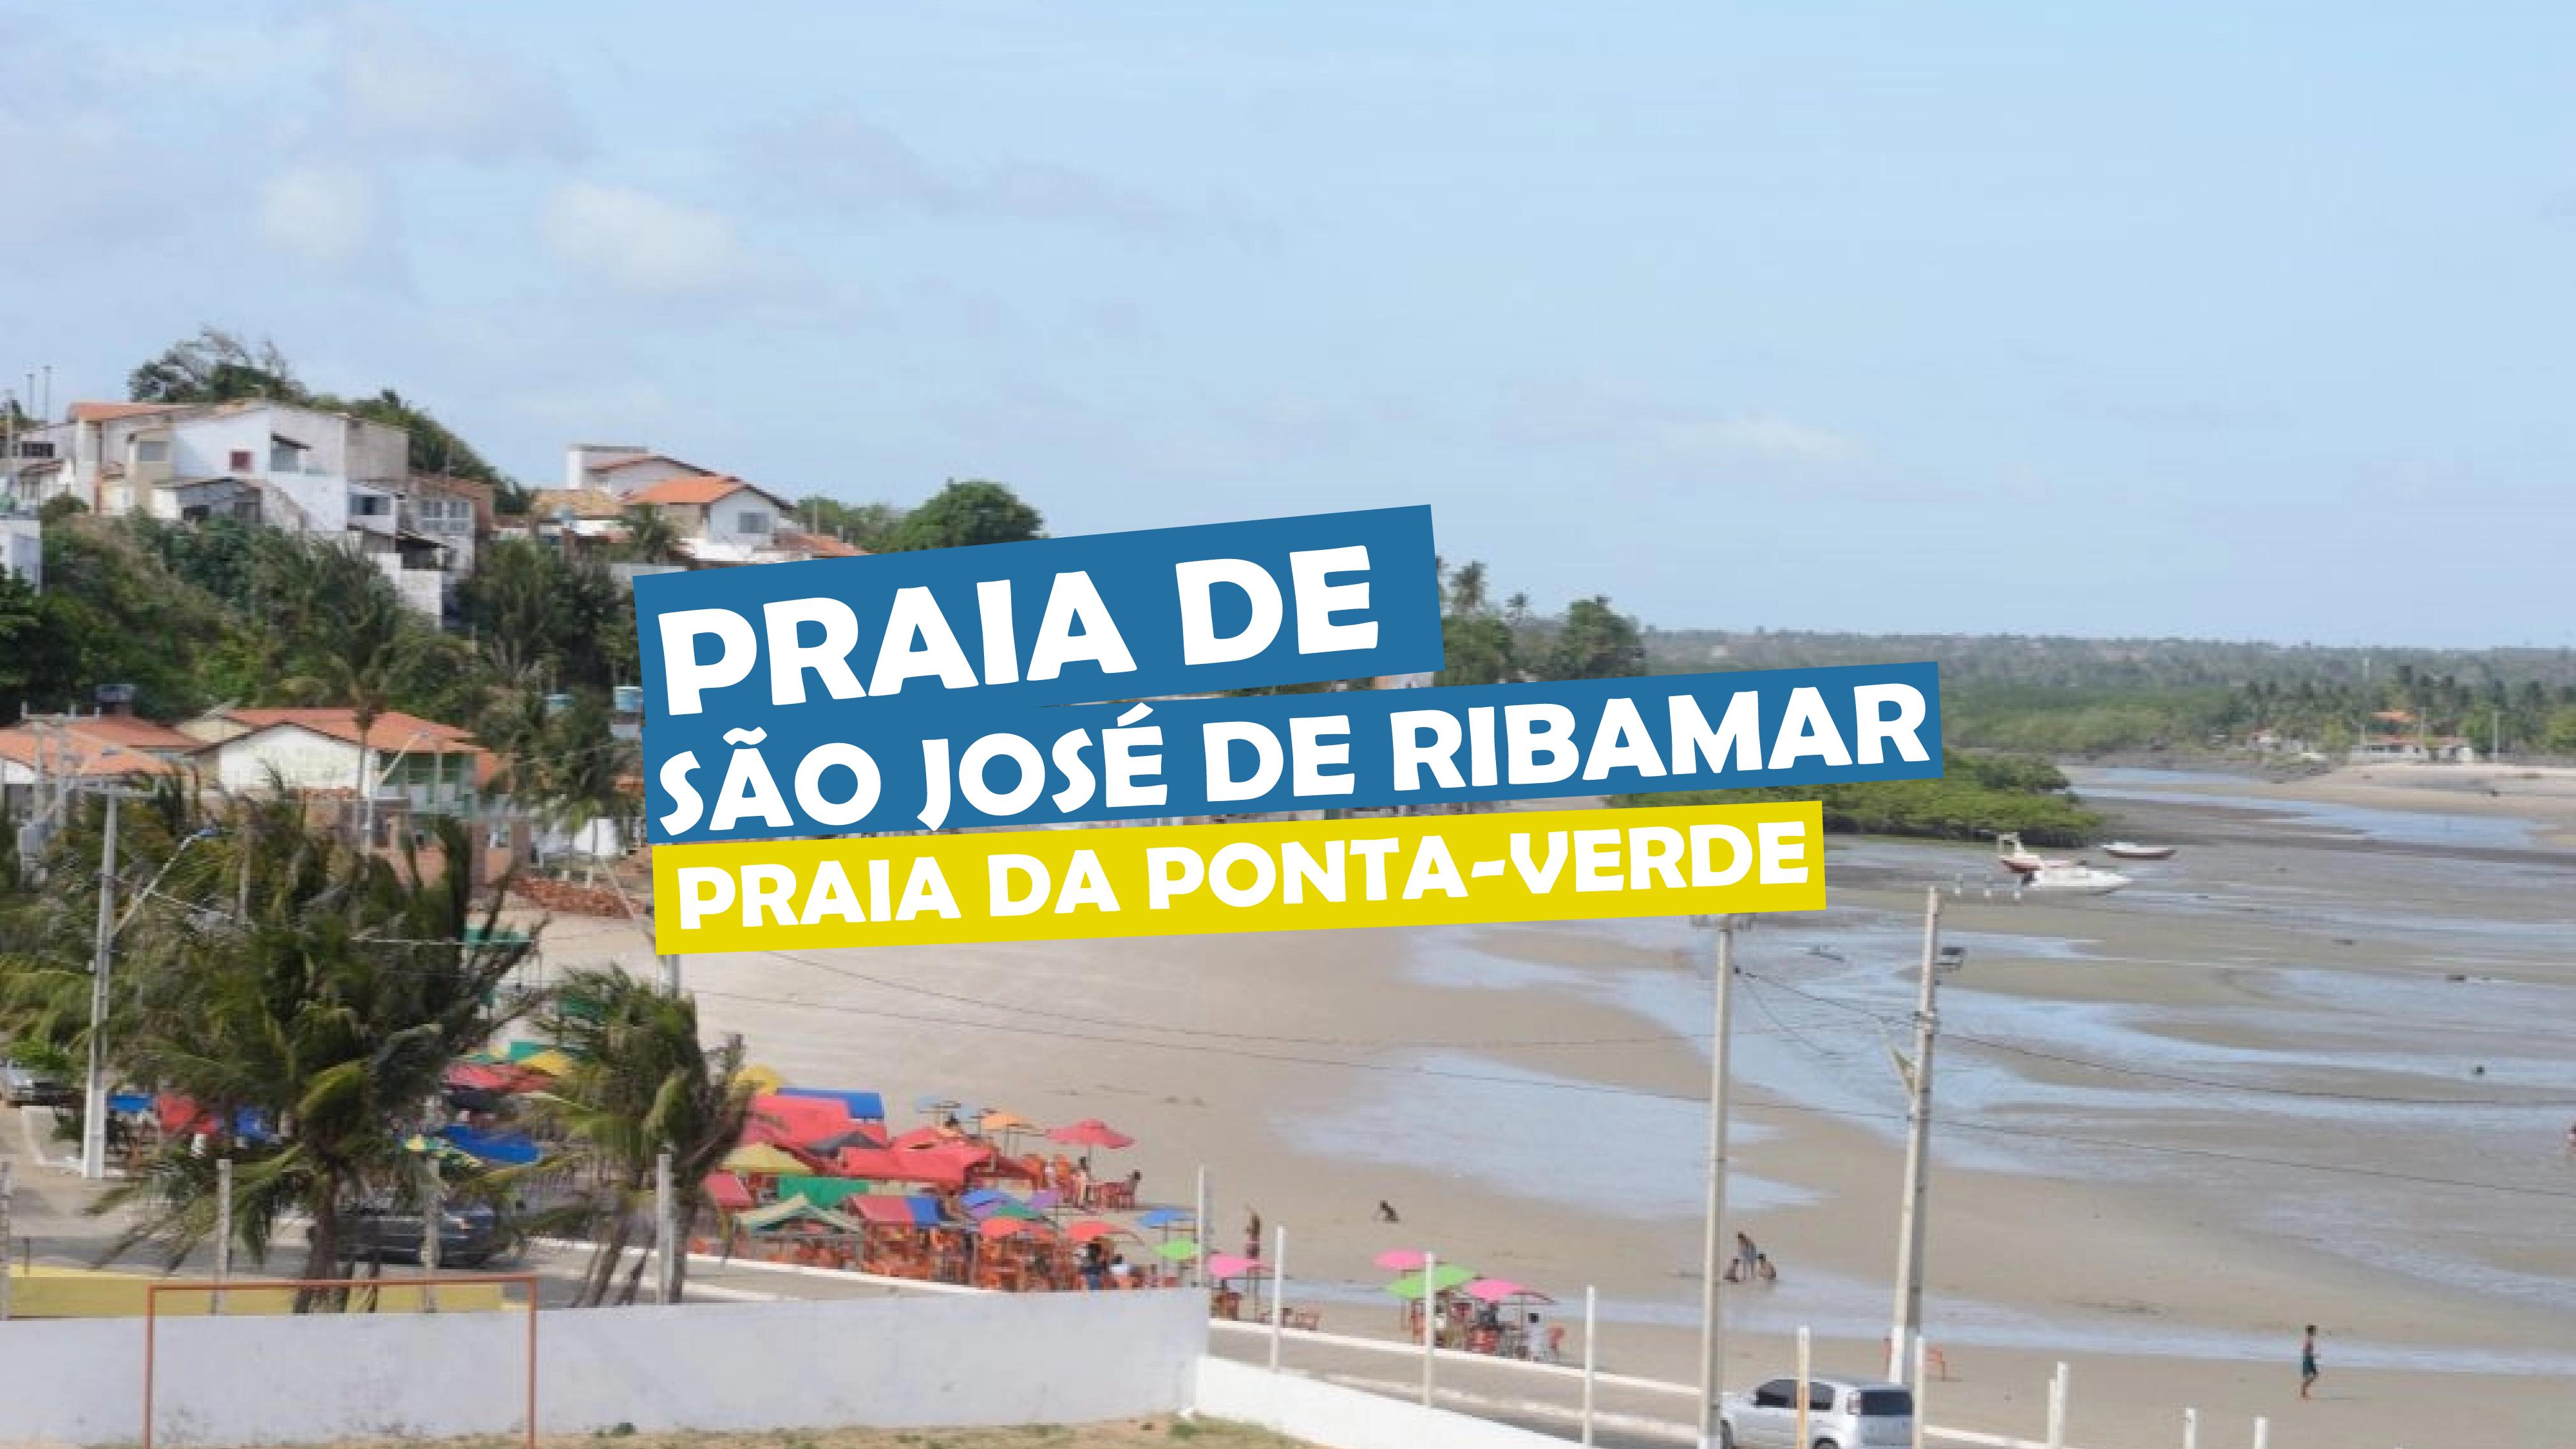 You are currently viewing Praia de São José de Ribamar, Praia da Ponta-verde